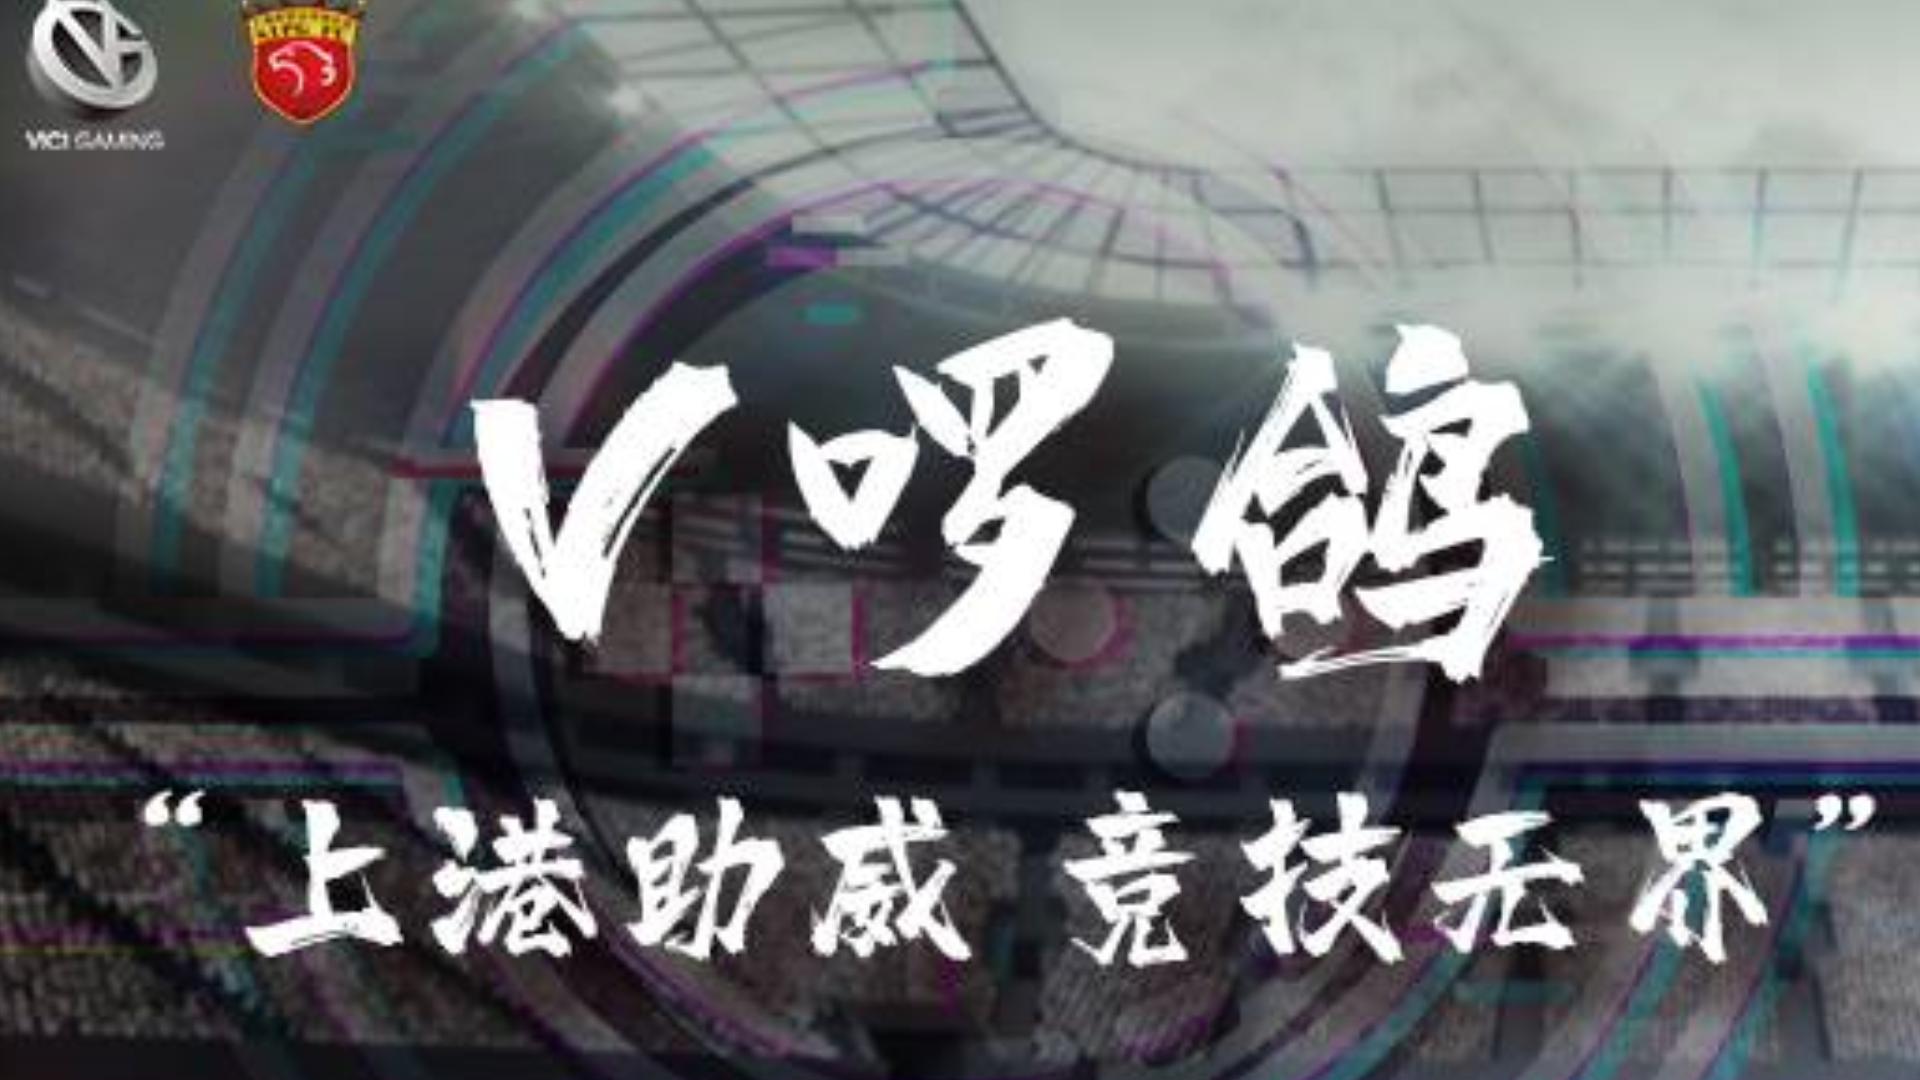 VG王者荣耀 【上海上港&华谊时尚】助威日V啰鸽